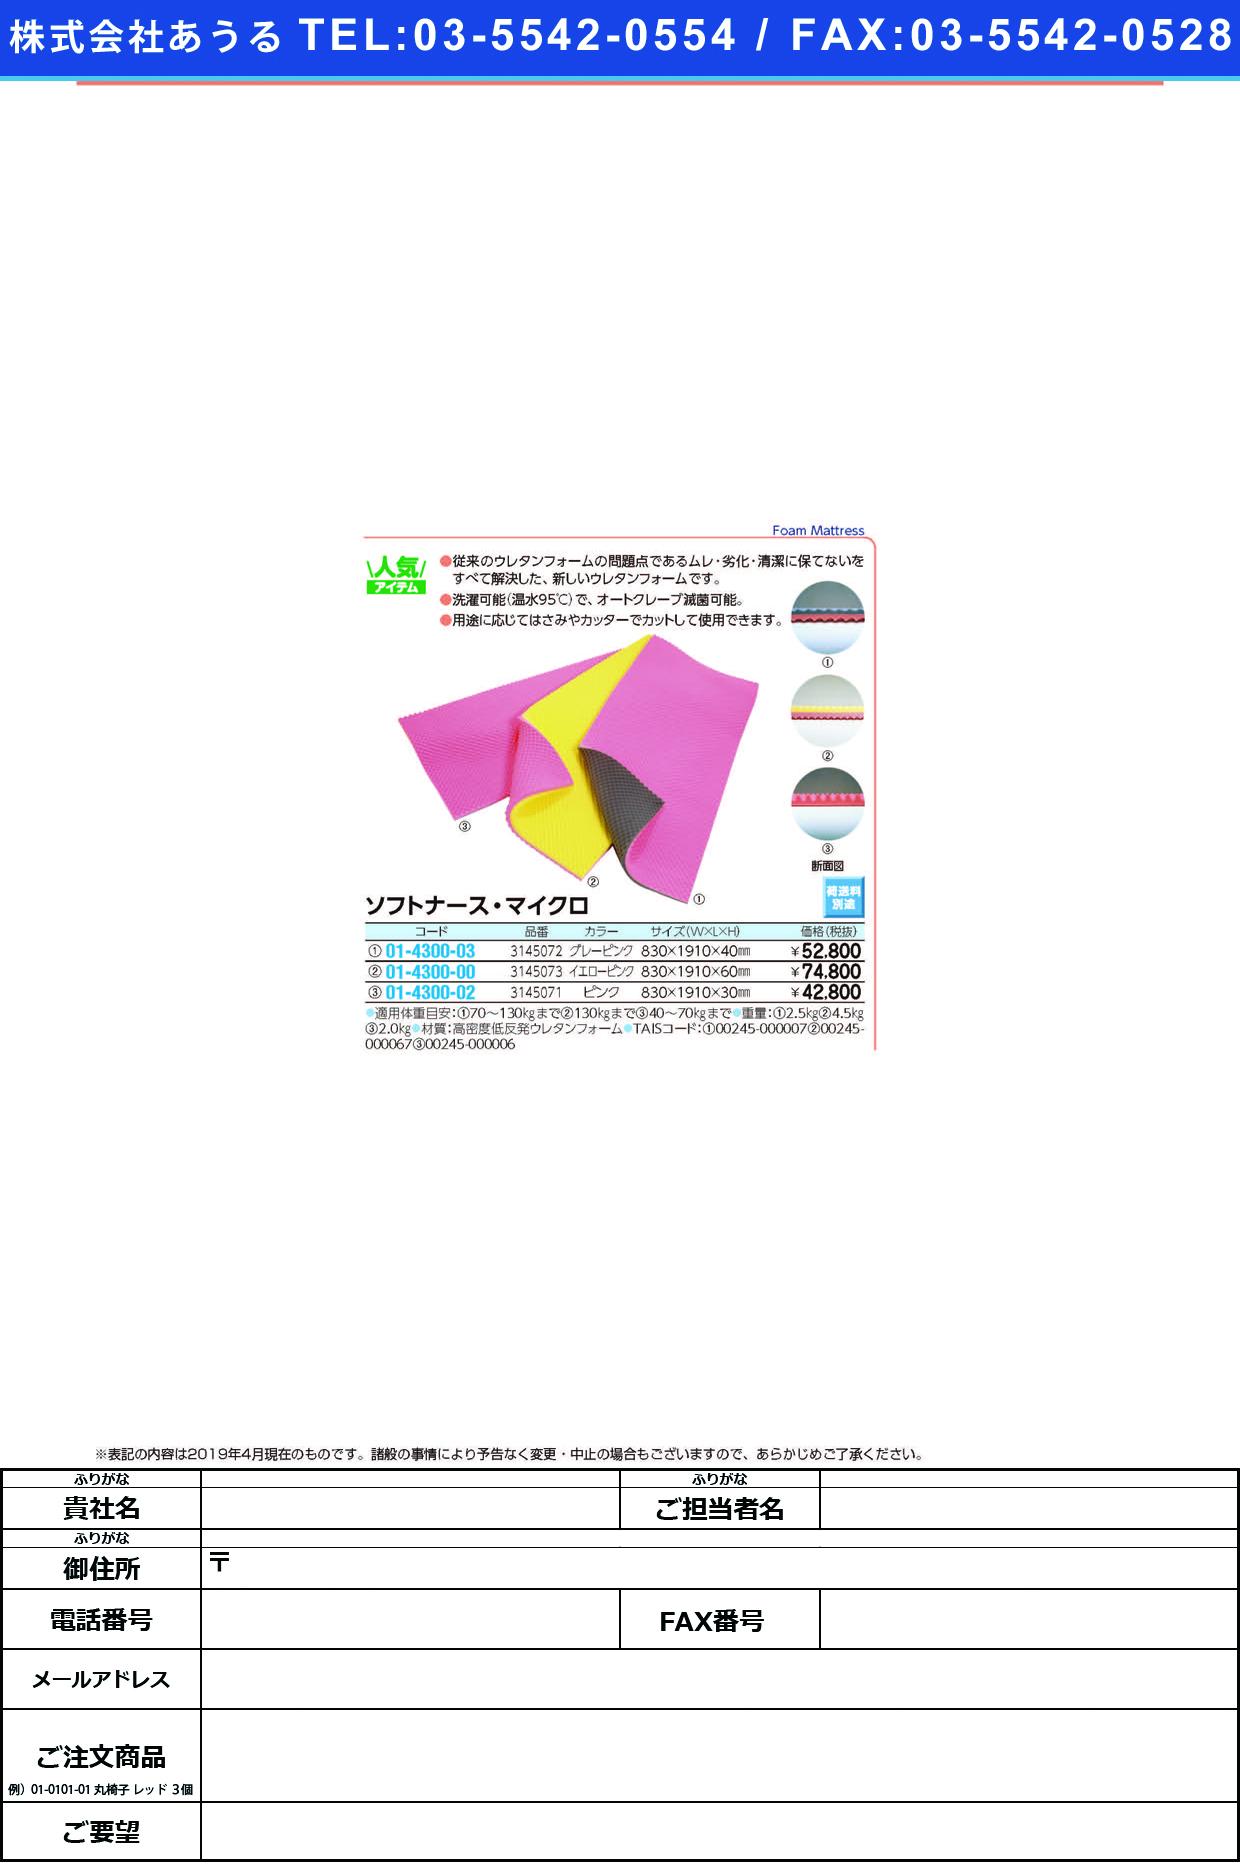 (01-4300-02)ソフトナース・マイクロ 101P(ピンク) ソフトナースマイクロ【1枚単位】【2019年カタログ商品】